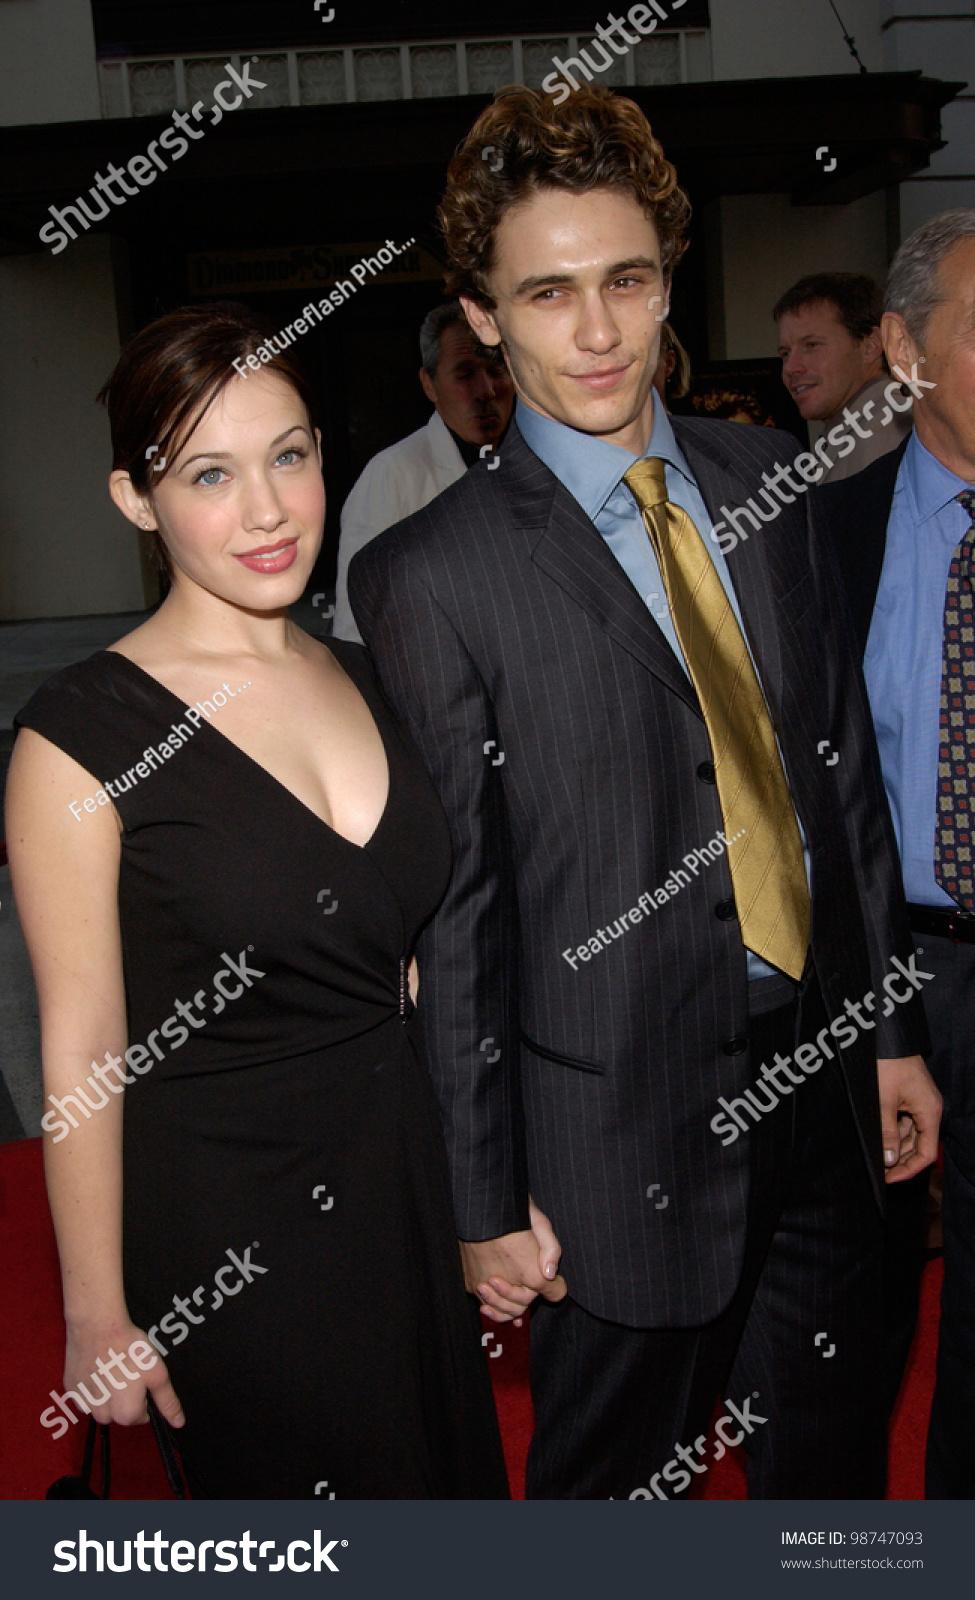 Фото джеймса франко и его девушка